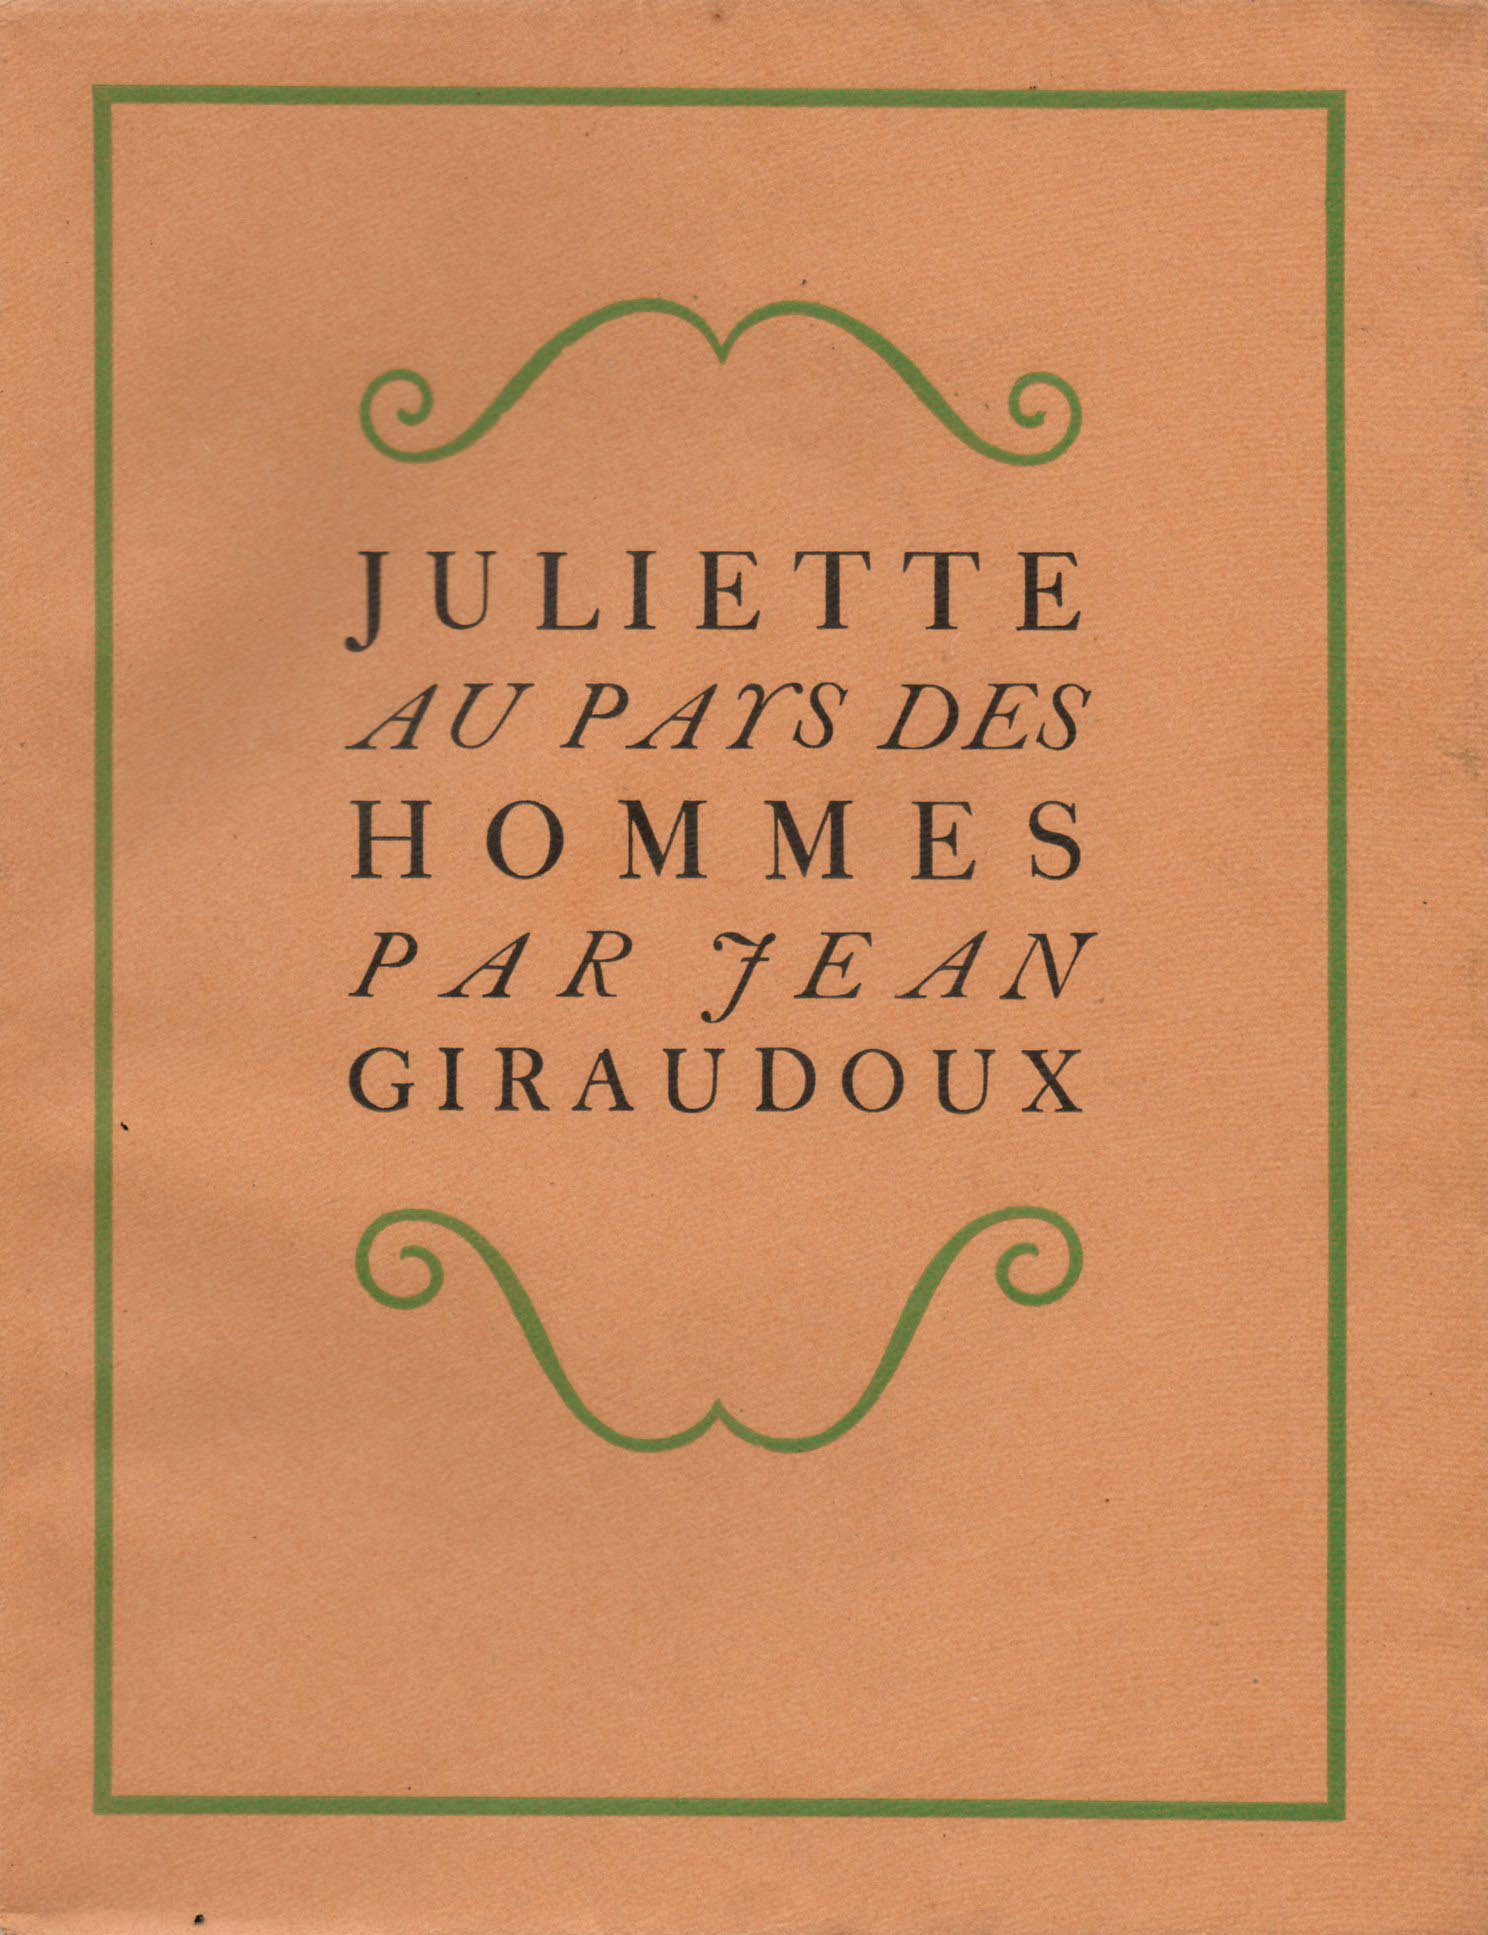 Juliette aux pays des hommes | Chas Laborde / Giraudoux | Juliette au pays des hommes